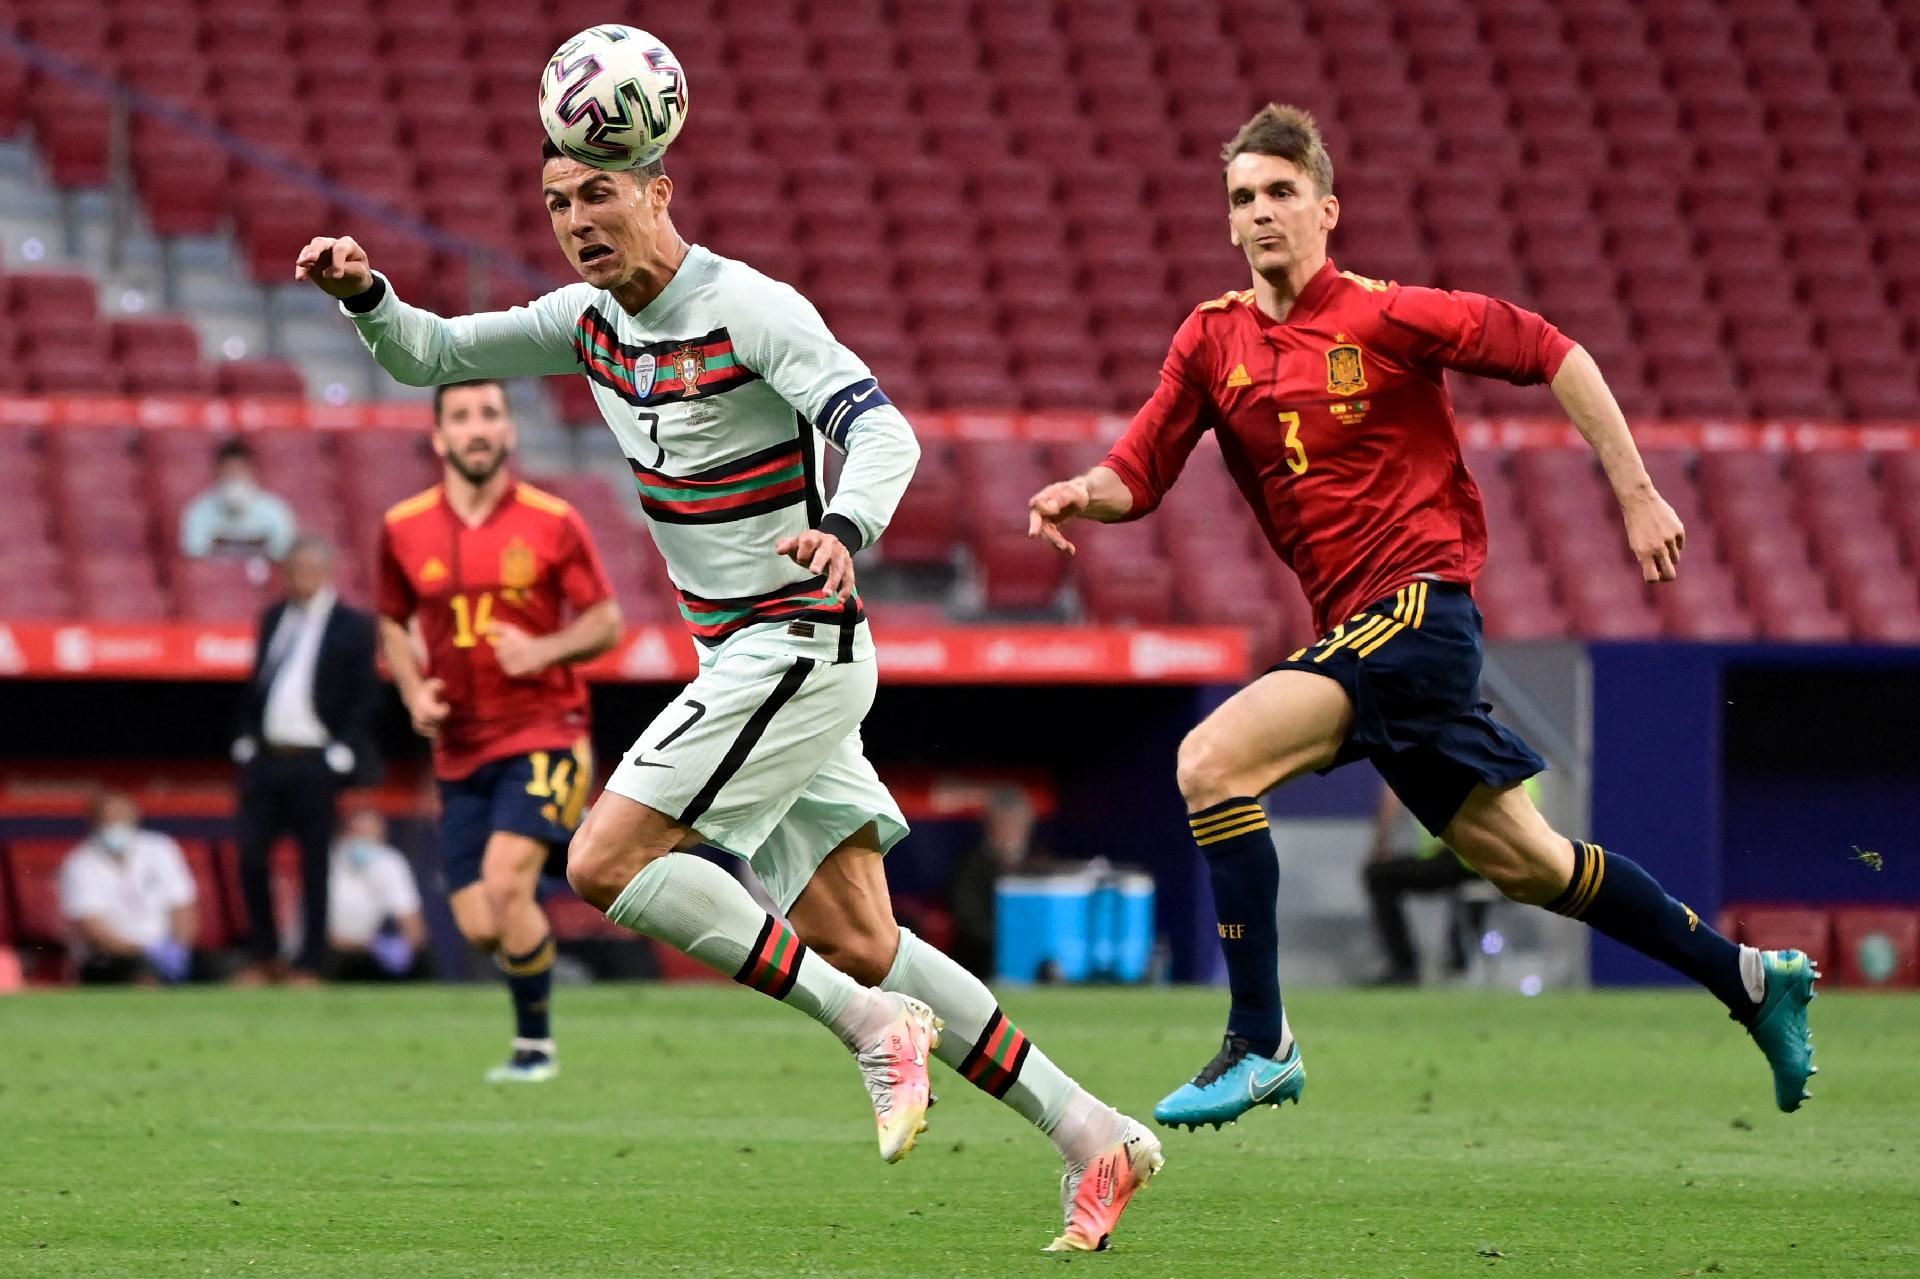 Espanha E Portugal Ficam No 0 A 0 Em Amistoso De Luxo